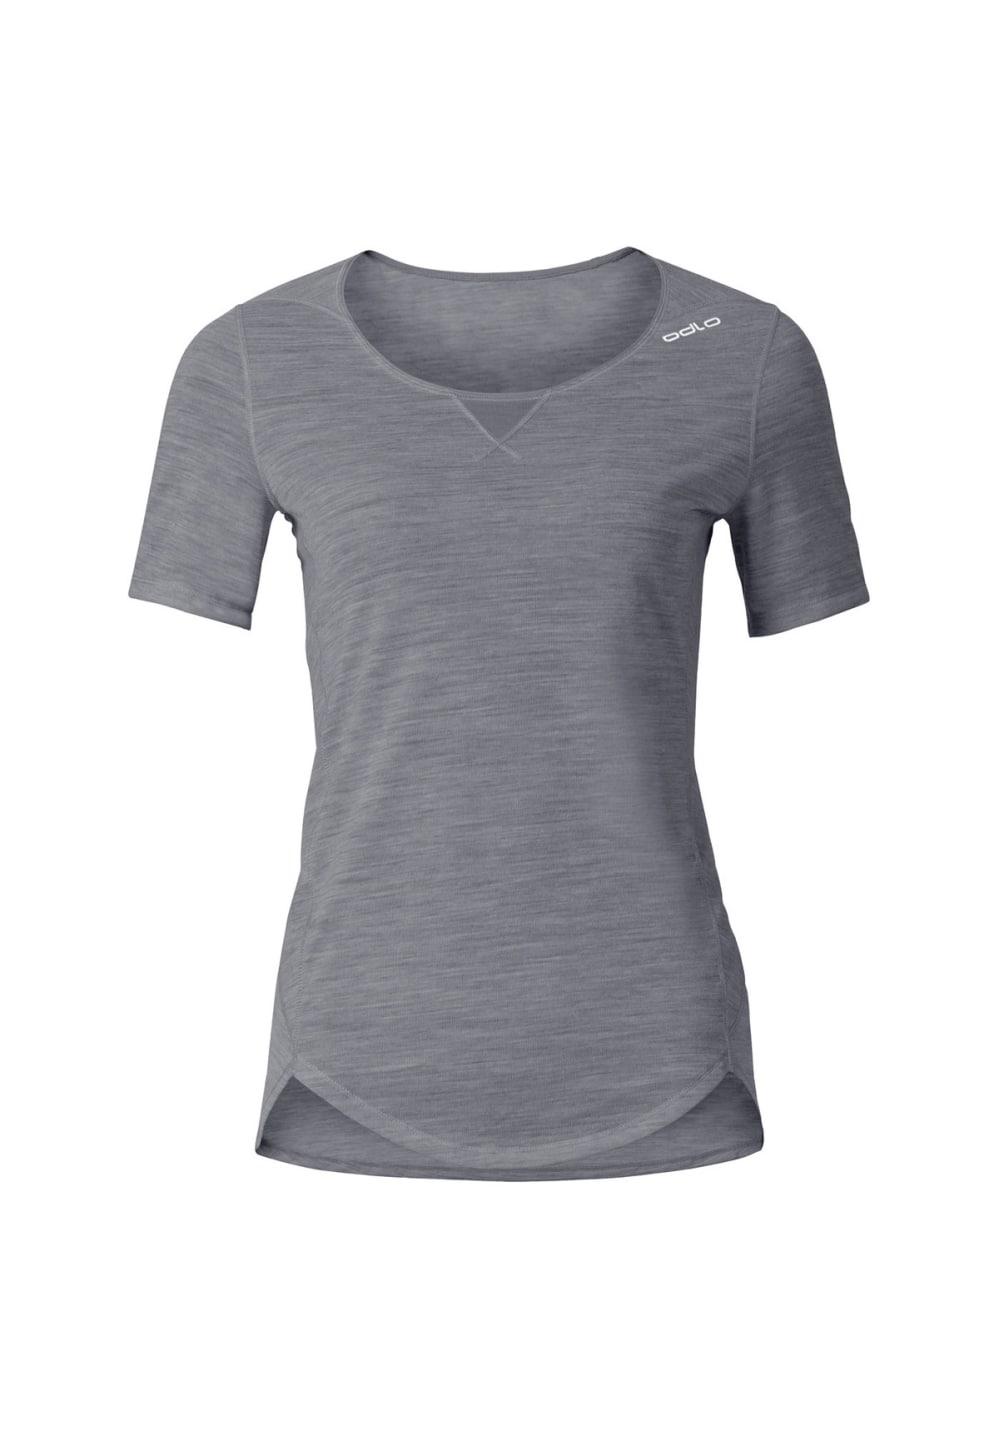 Odlo Shirt S/S Crew Neck Revolution Tw Light - Funktionsunterwäsche für Damen